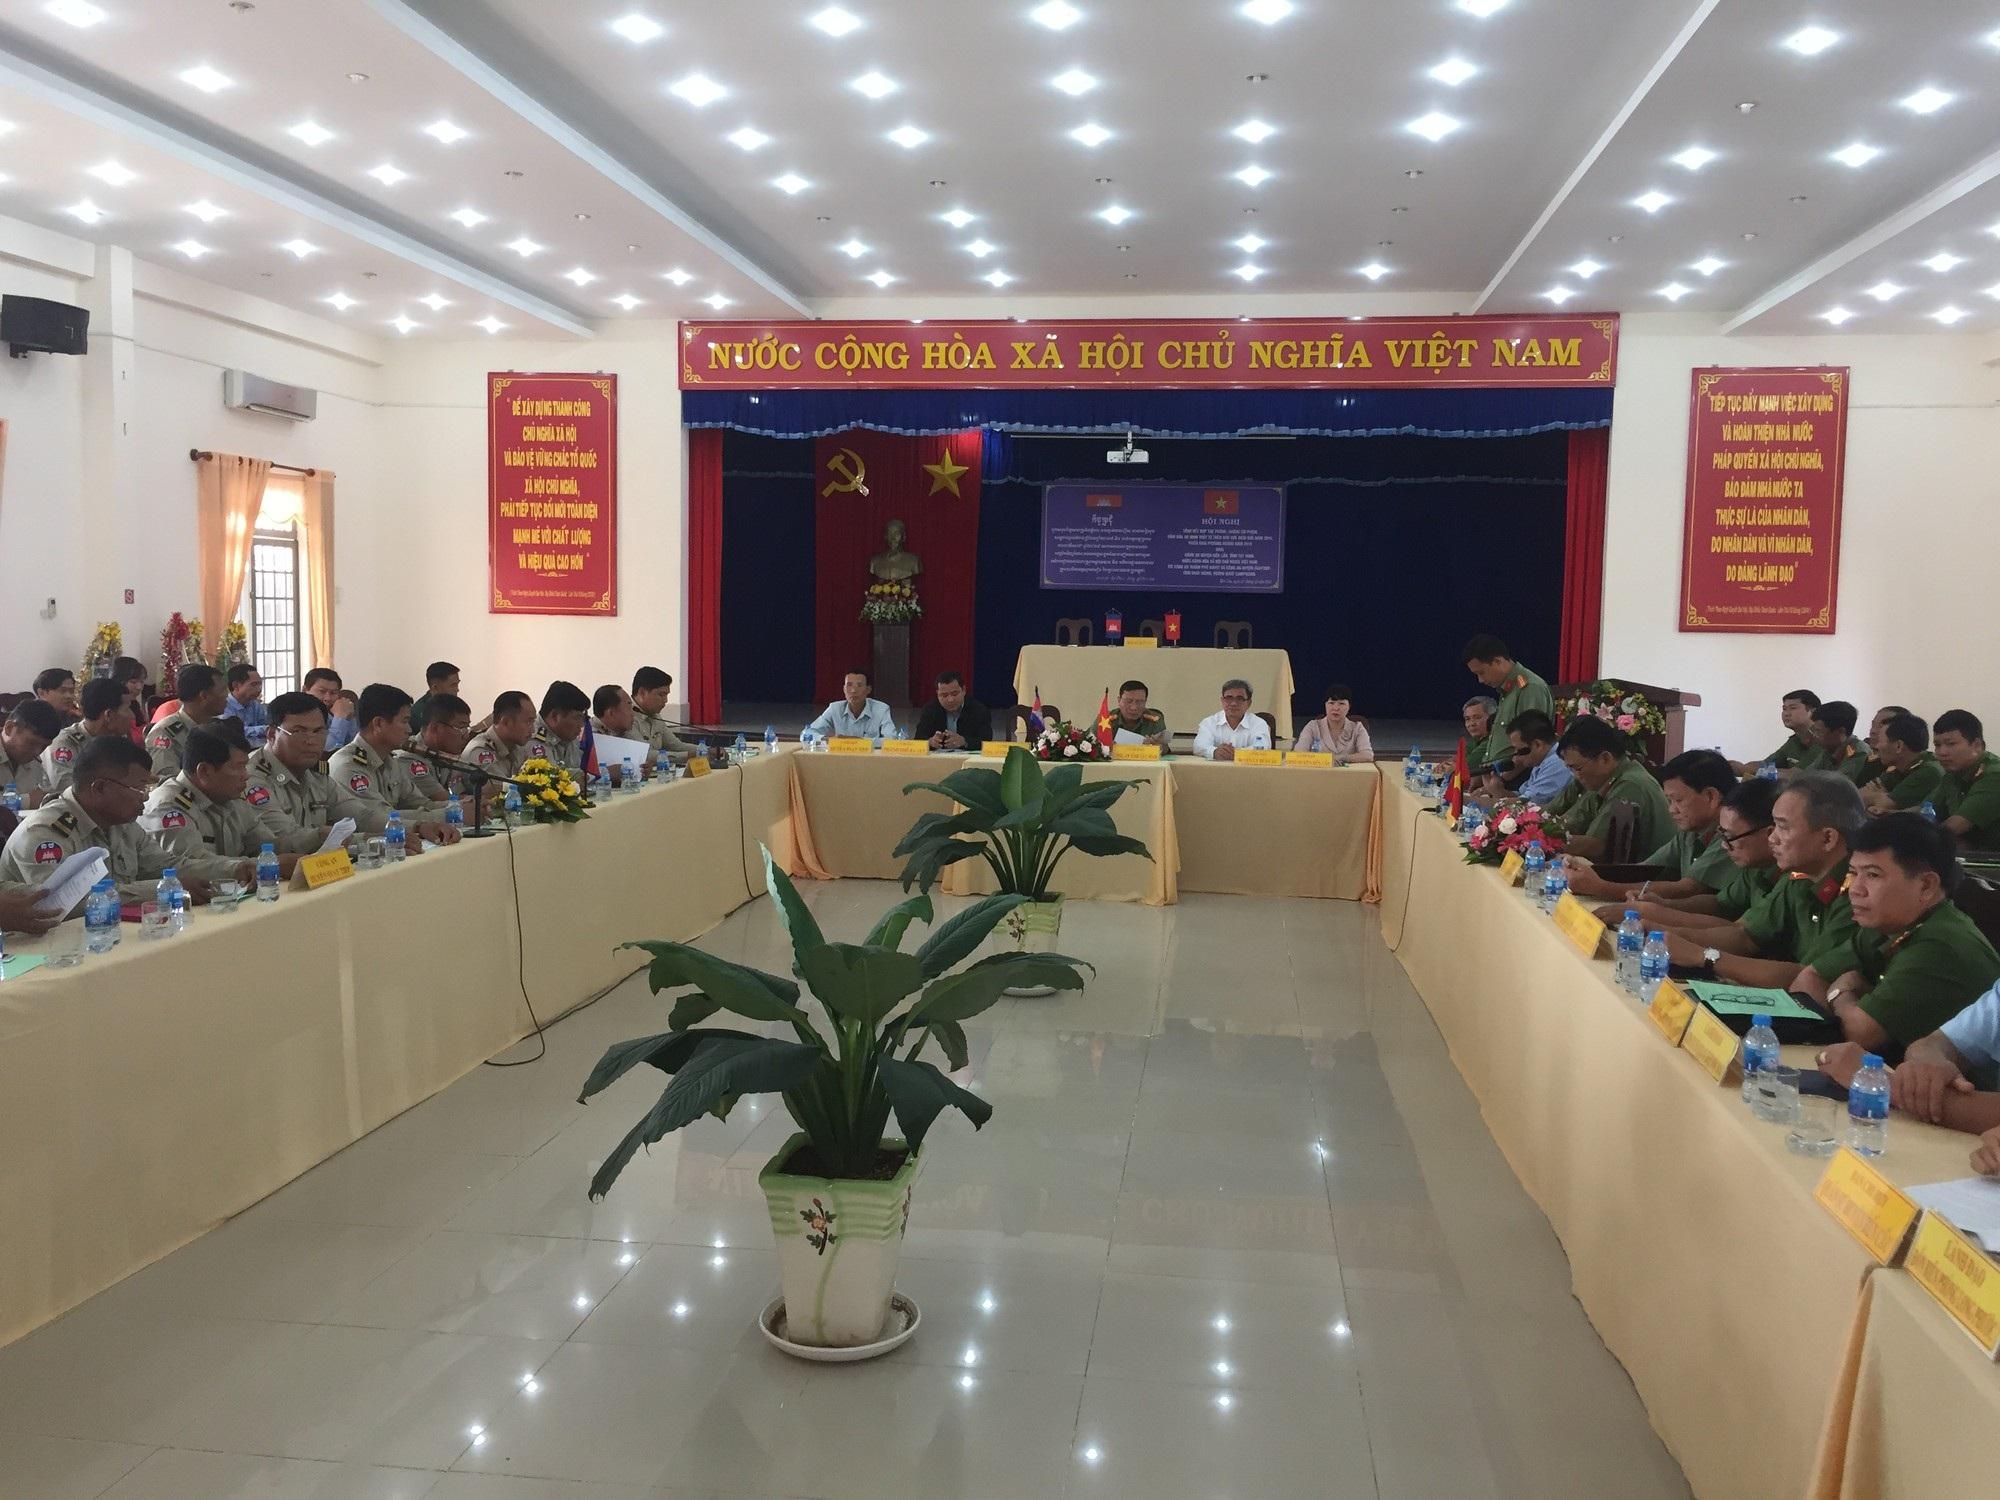 Giải cứu 6 phụ nữ Campuchia bị bán sang Việt Nam - Ảnh 1.